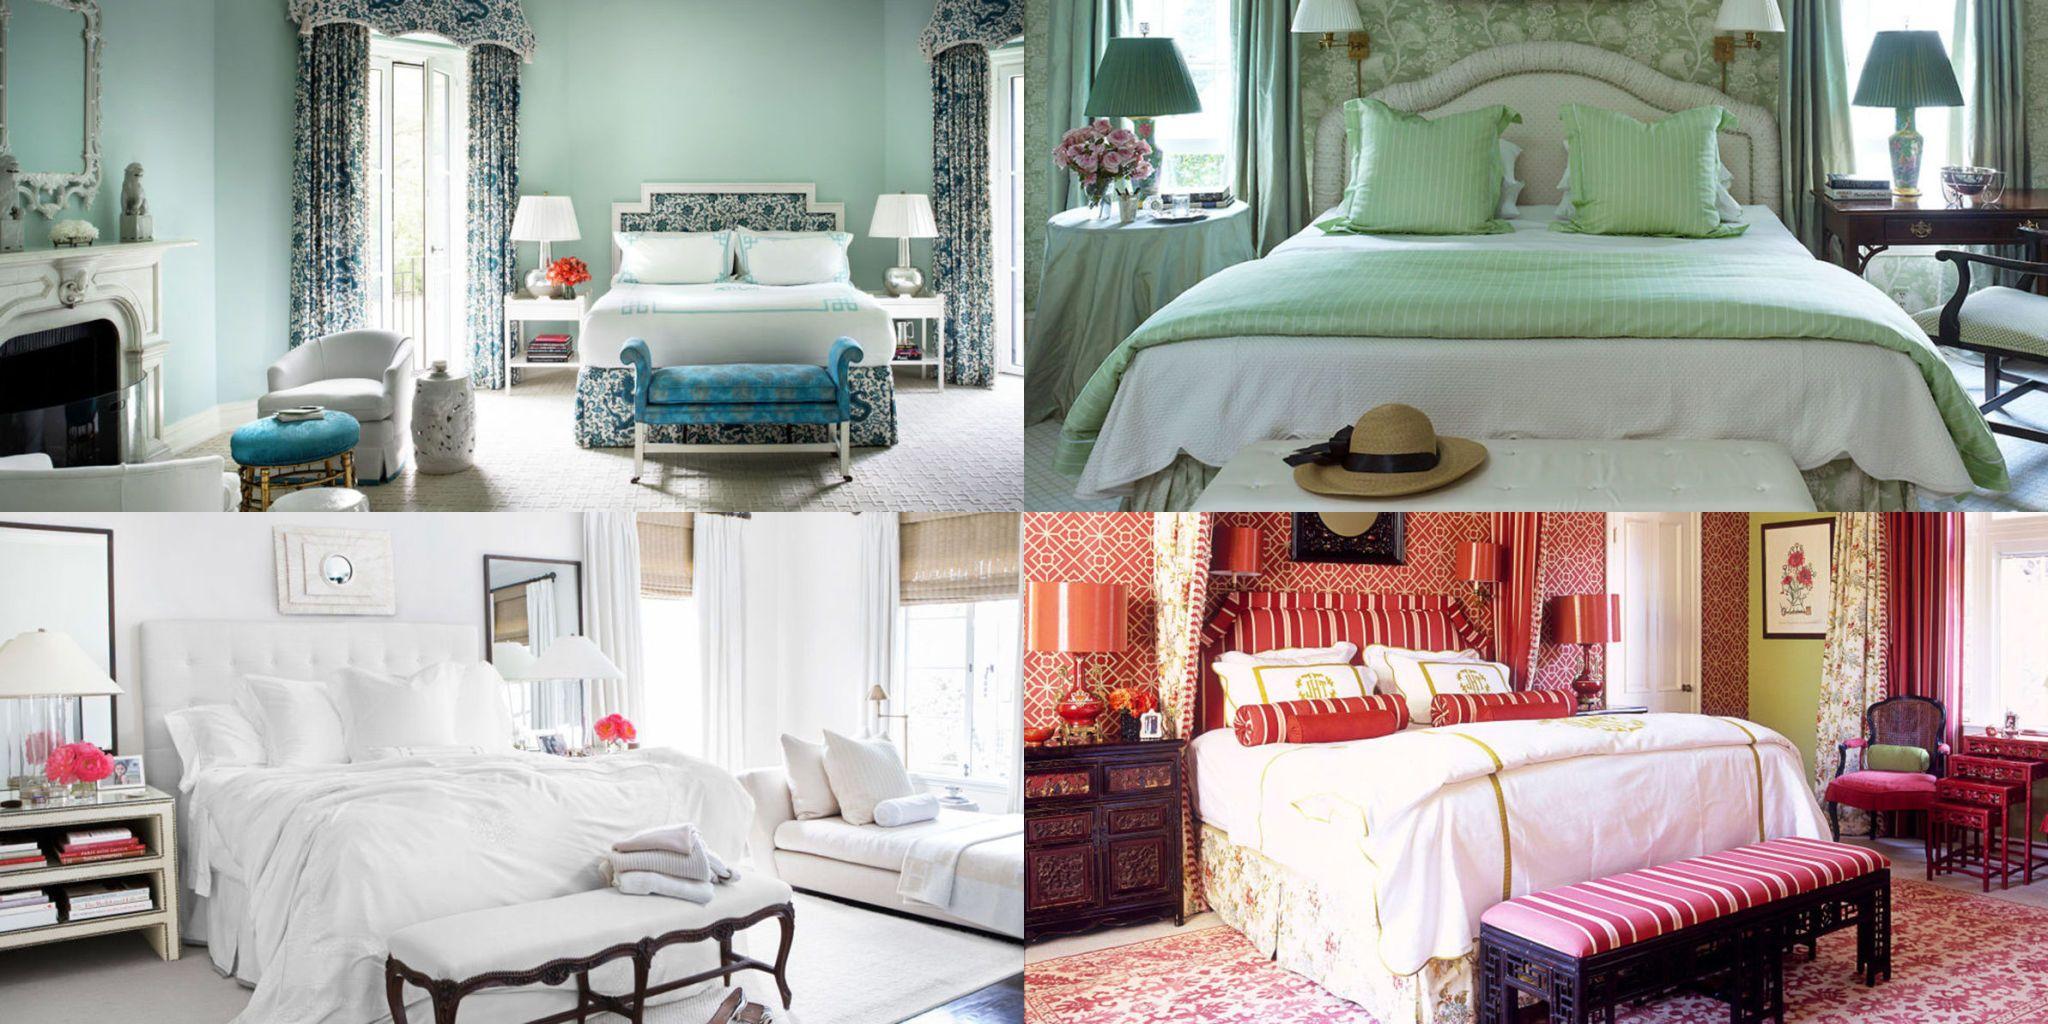 Simple devi arredare la tua camera da letto o scegliere i - Sesso in camera da letto ...